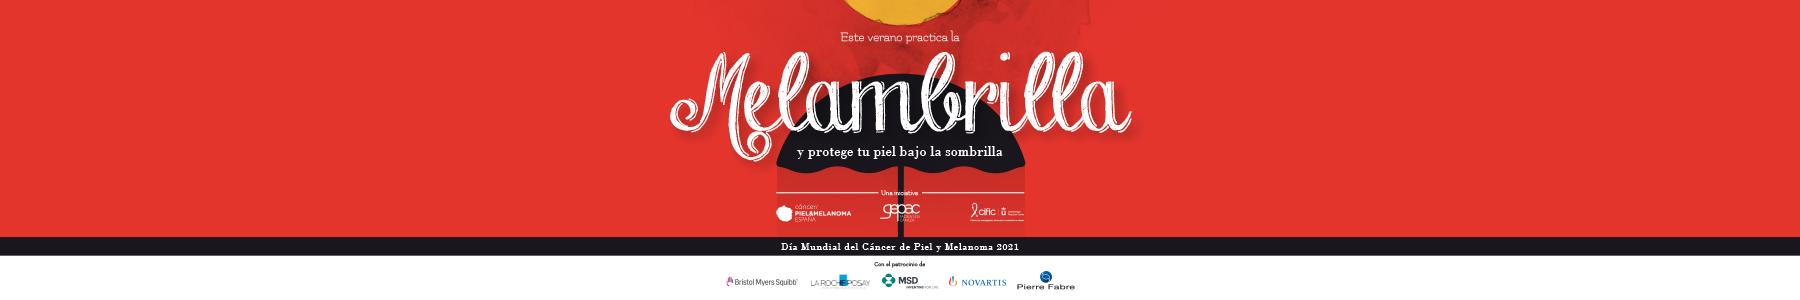 banners_dm_cáncer_de_piel_y_melanoma_2021_patrocinios_webaeal